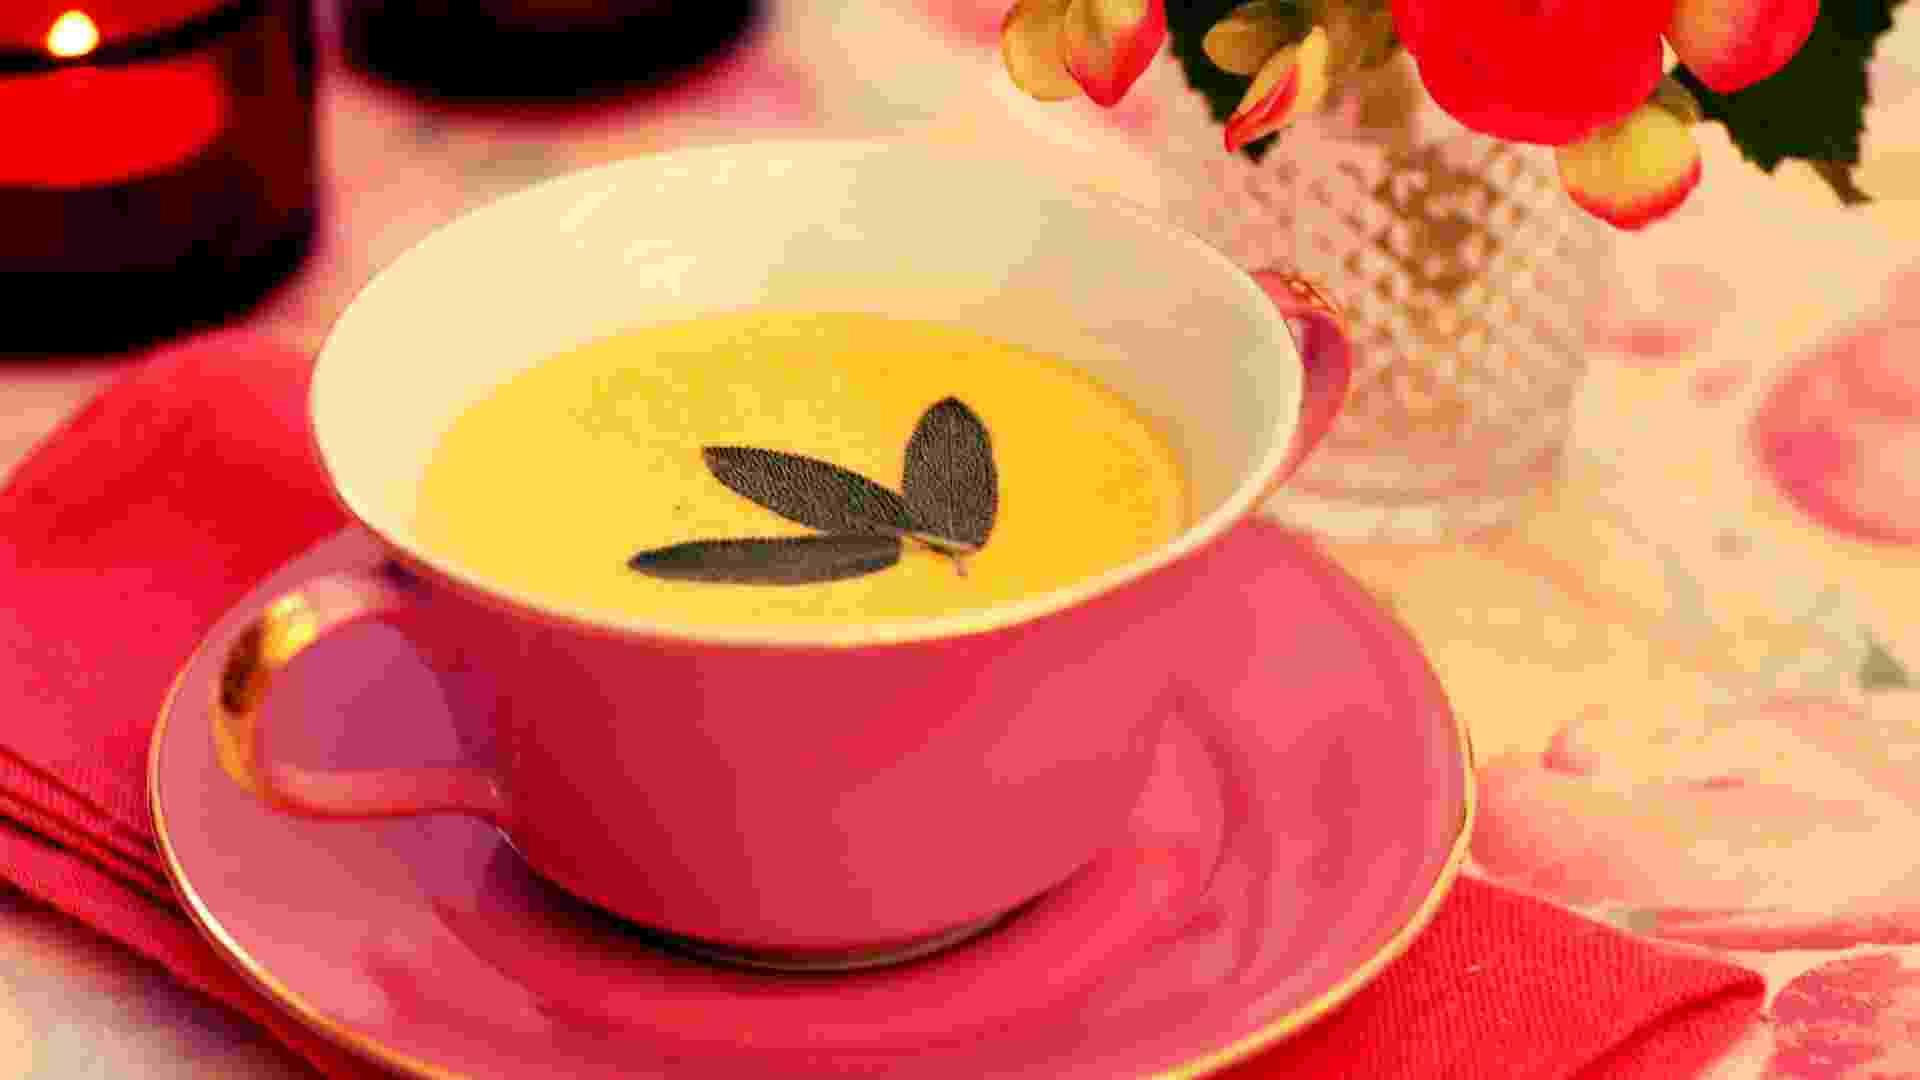 Sopa de abóbora com sálvia; do Arroz de Festa Buffet (www.arrozdefesta.com.br) - Divulgação/Arroz de Festa Buffet